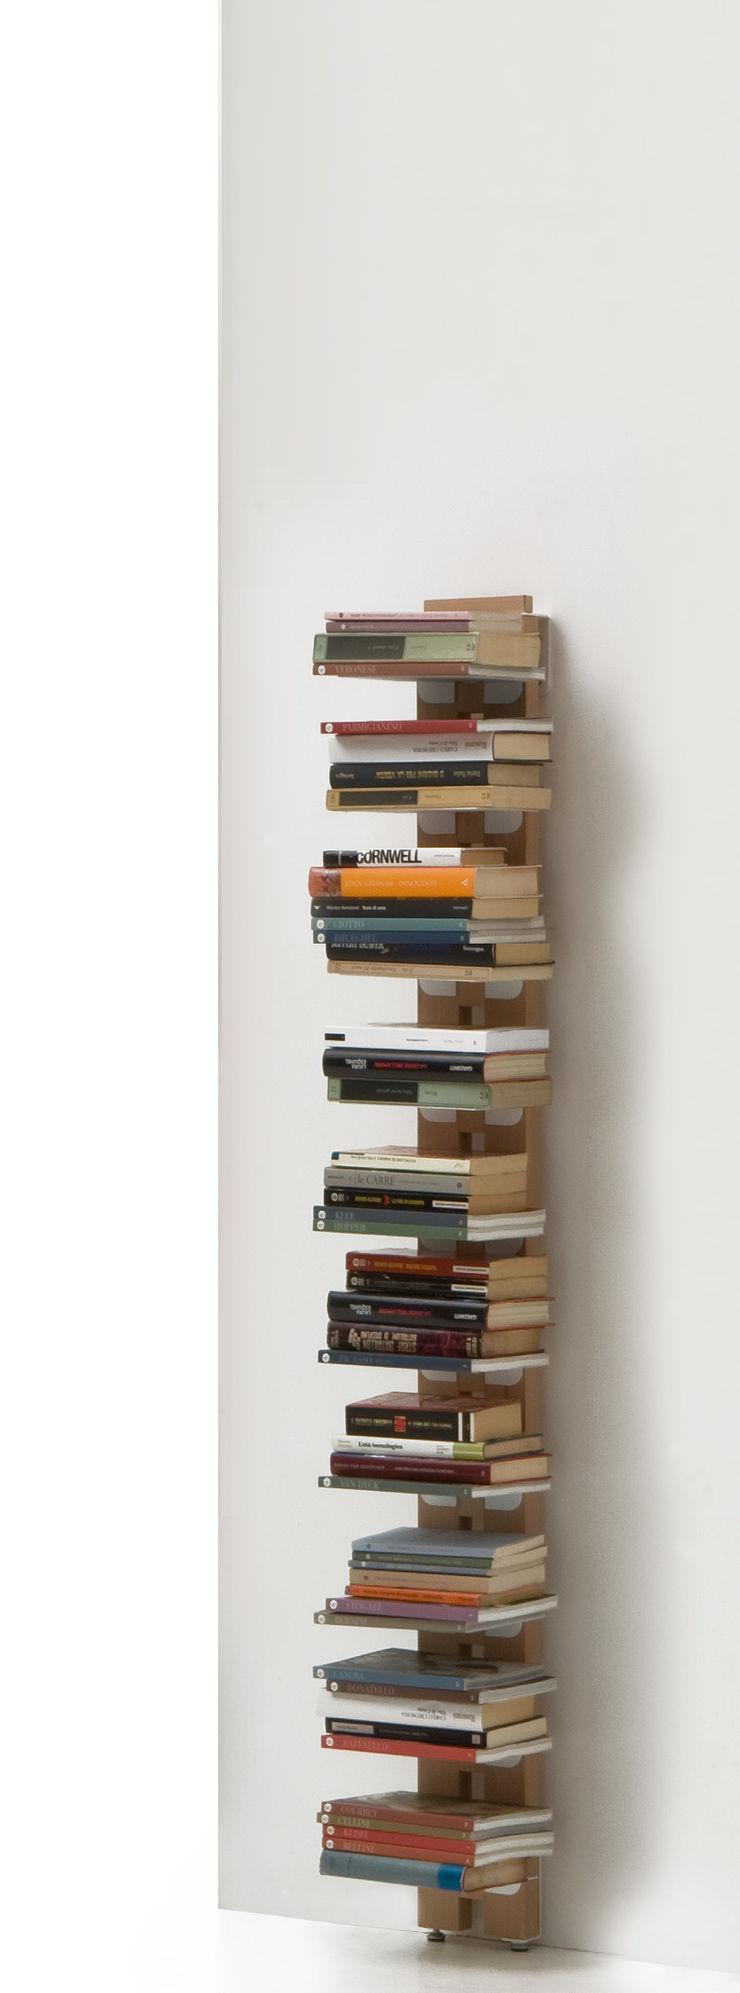 Zia Ortensia | Wall bookshelf | h 150 cm Le zie di Milano HogarArtículos del hogar Madera maciza Acabado en madera